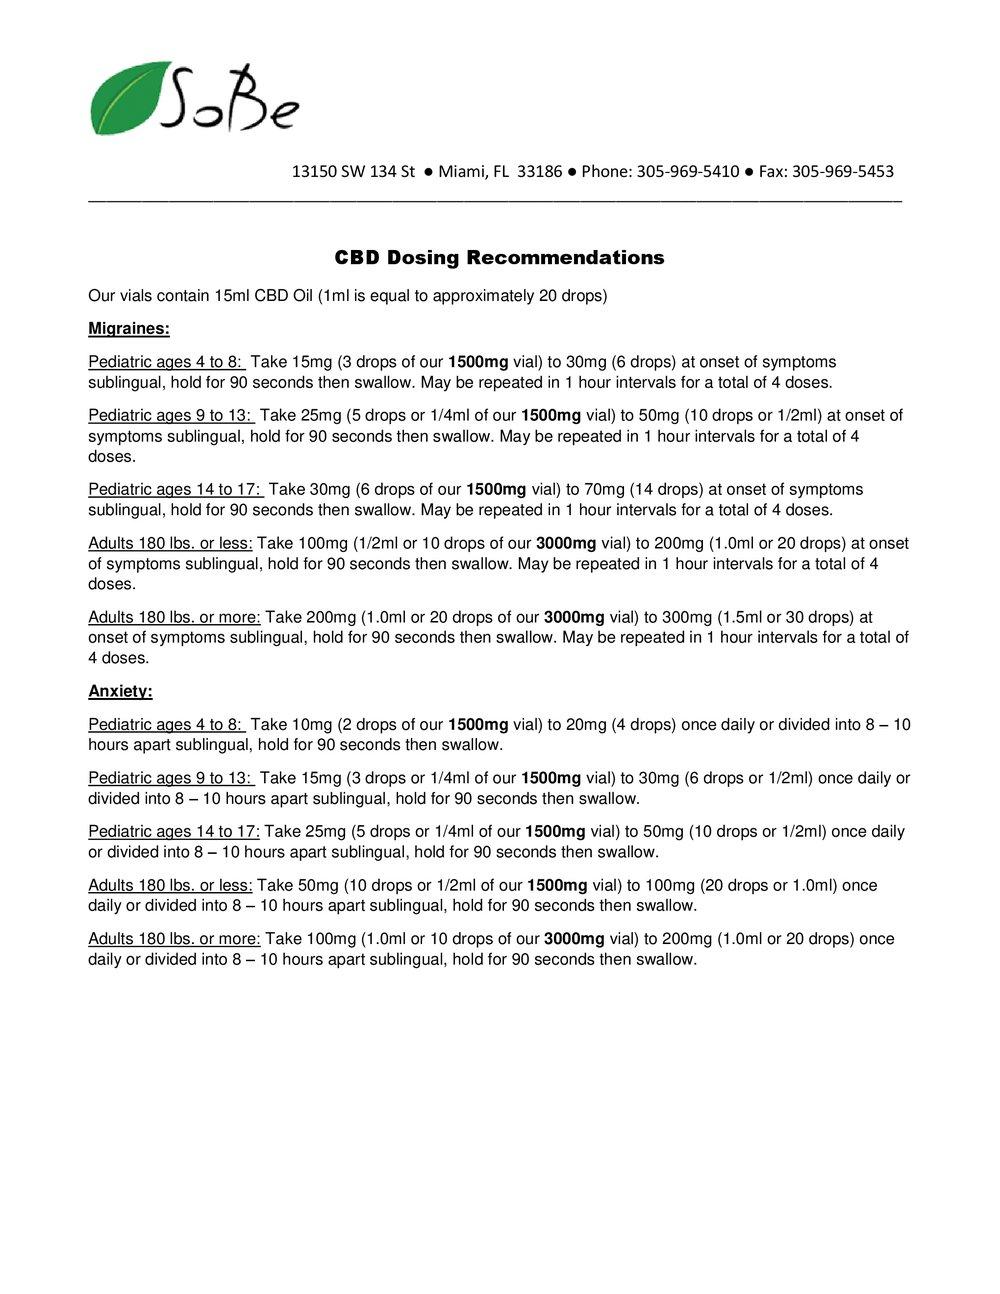 CBD Dosing Page1.jpg